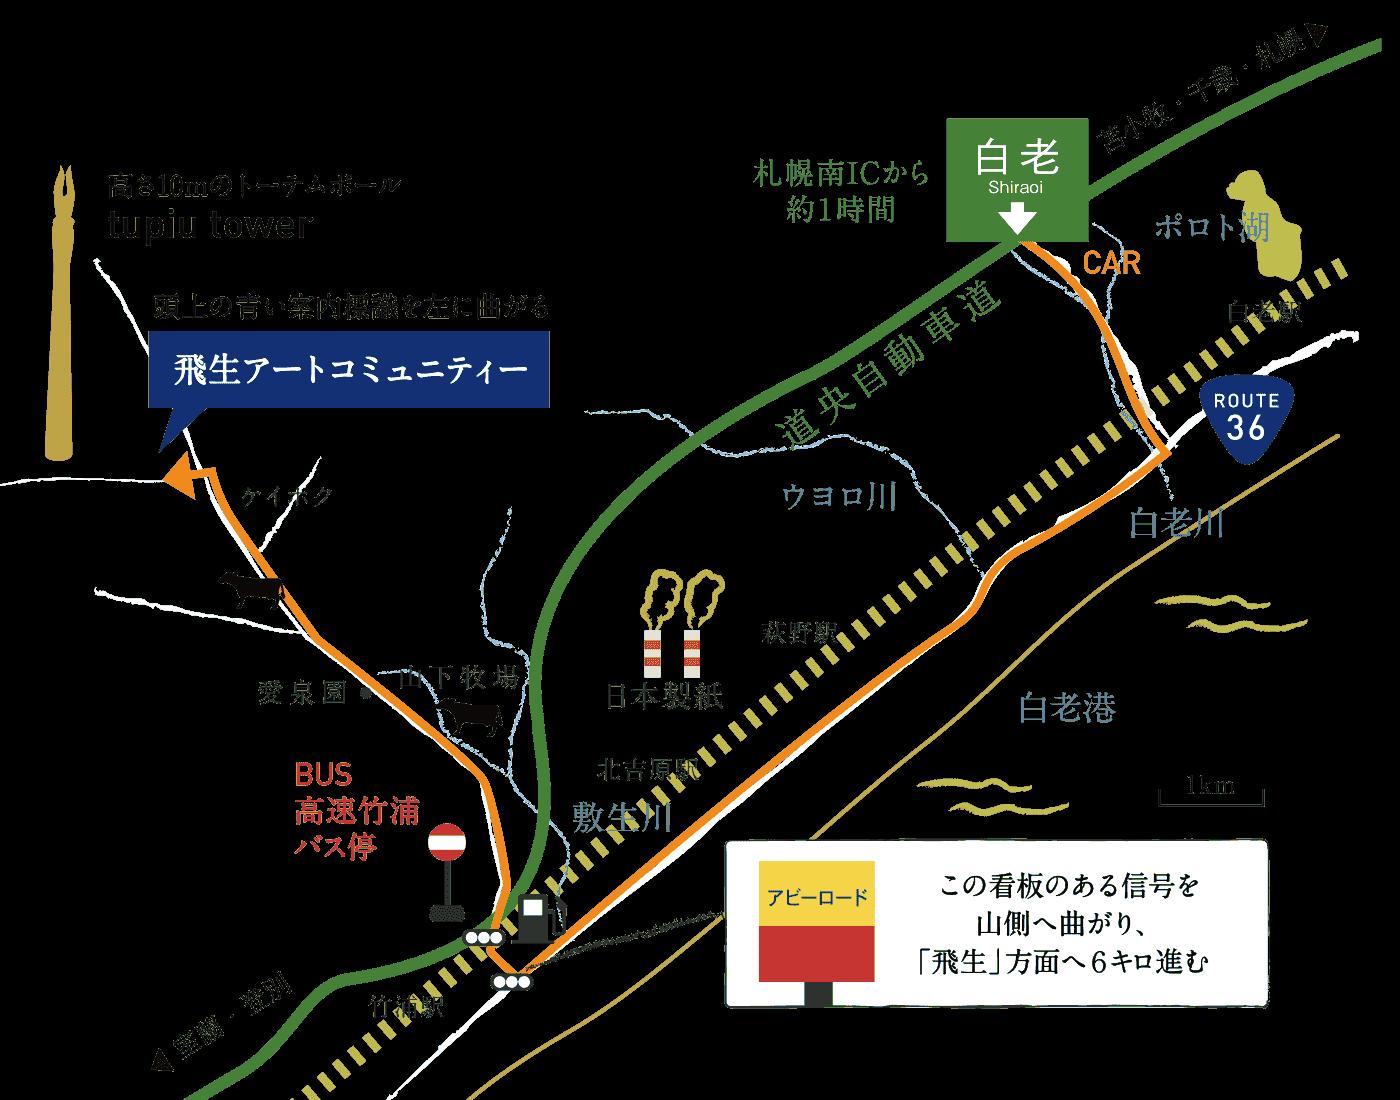 アクセスマップ/飛生アートコミュニティー